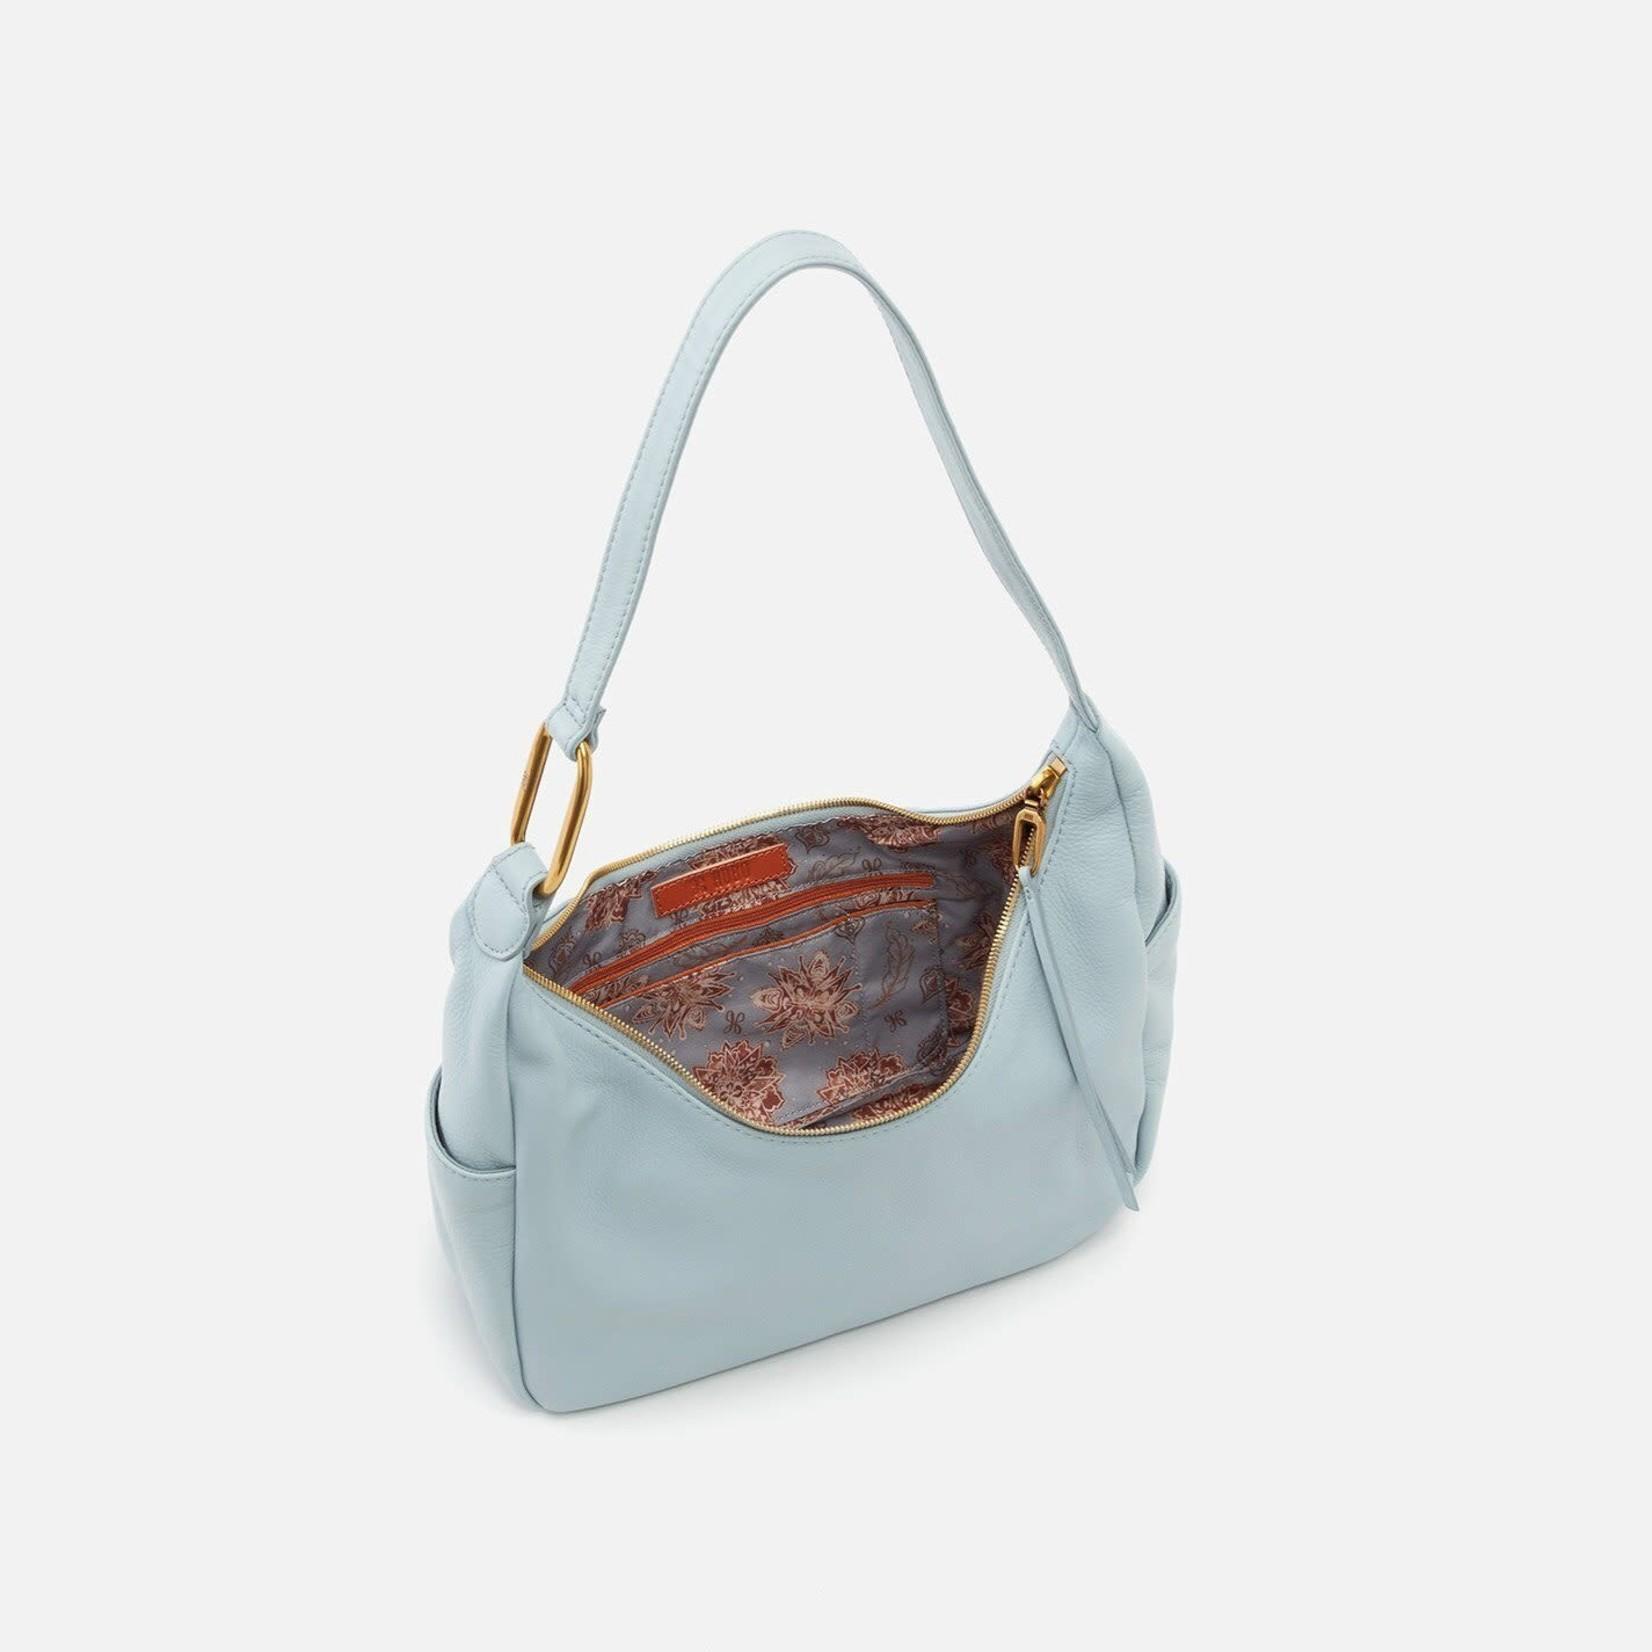 HOBO Fielder Pale Blue Pebbled Leather Shoulder Bag